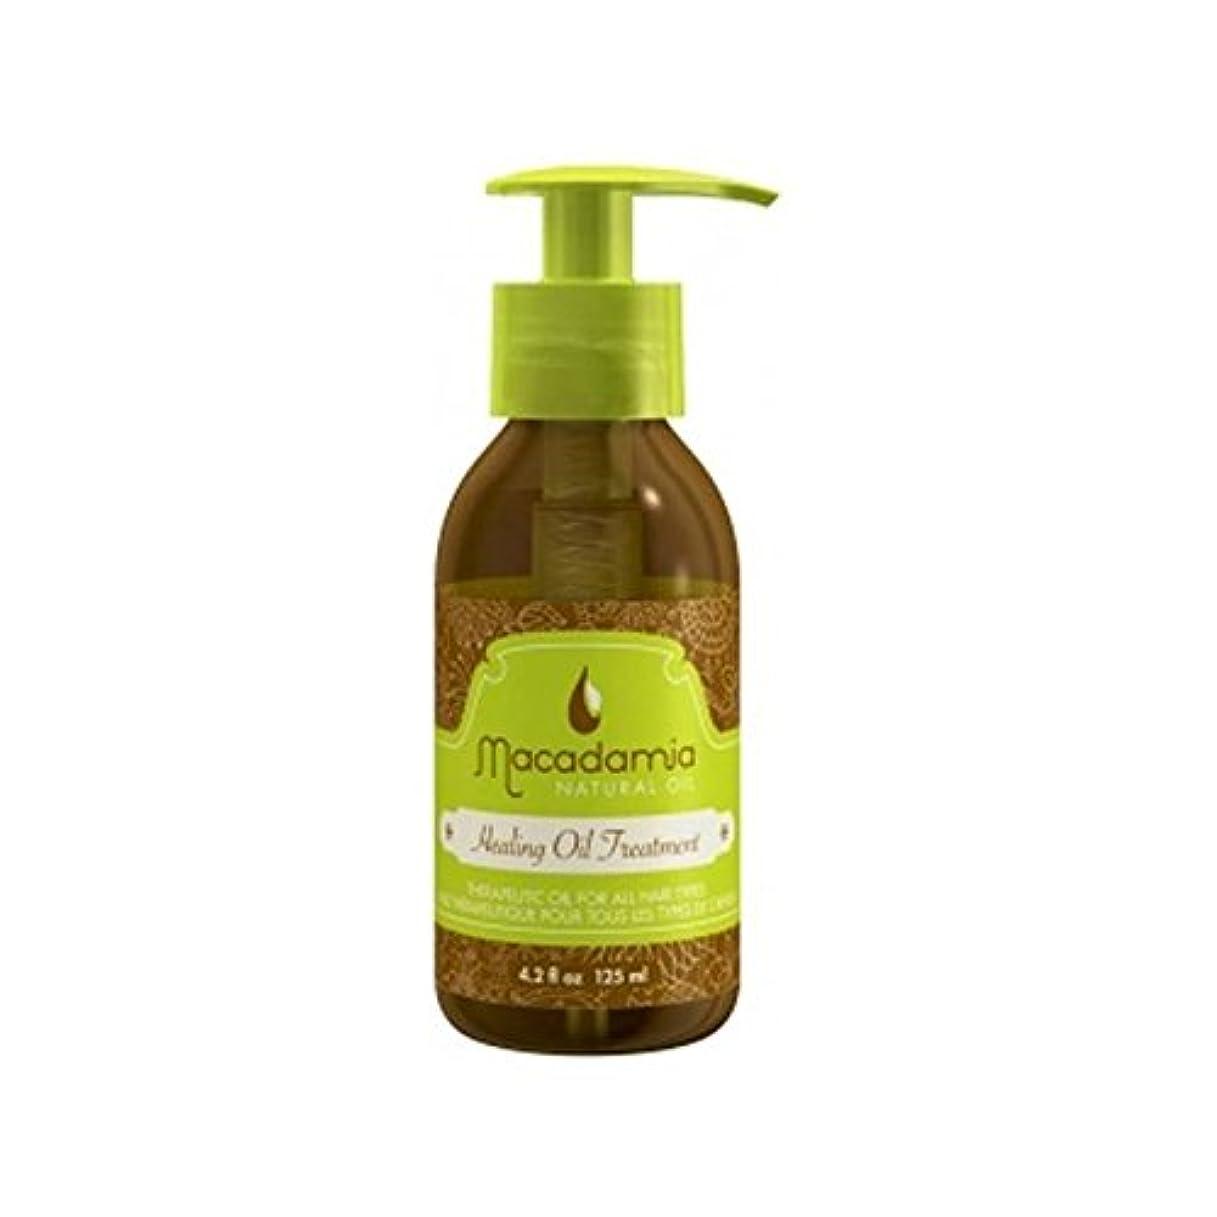 階層成人期不純Macadamia Natural Oil Healing Oil Treatment (125ml) - マカダミアナチュラルオイルヒーリングオイルトリートメント(125ミリリットル) [並行輸入品]